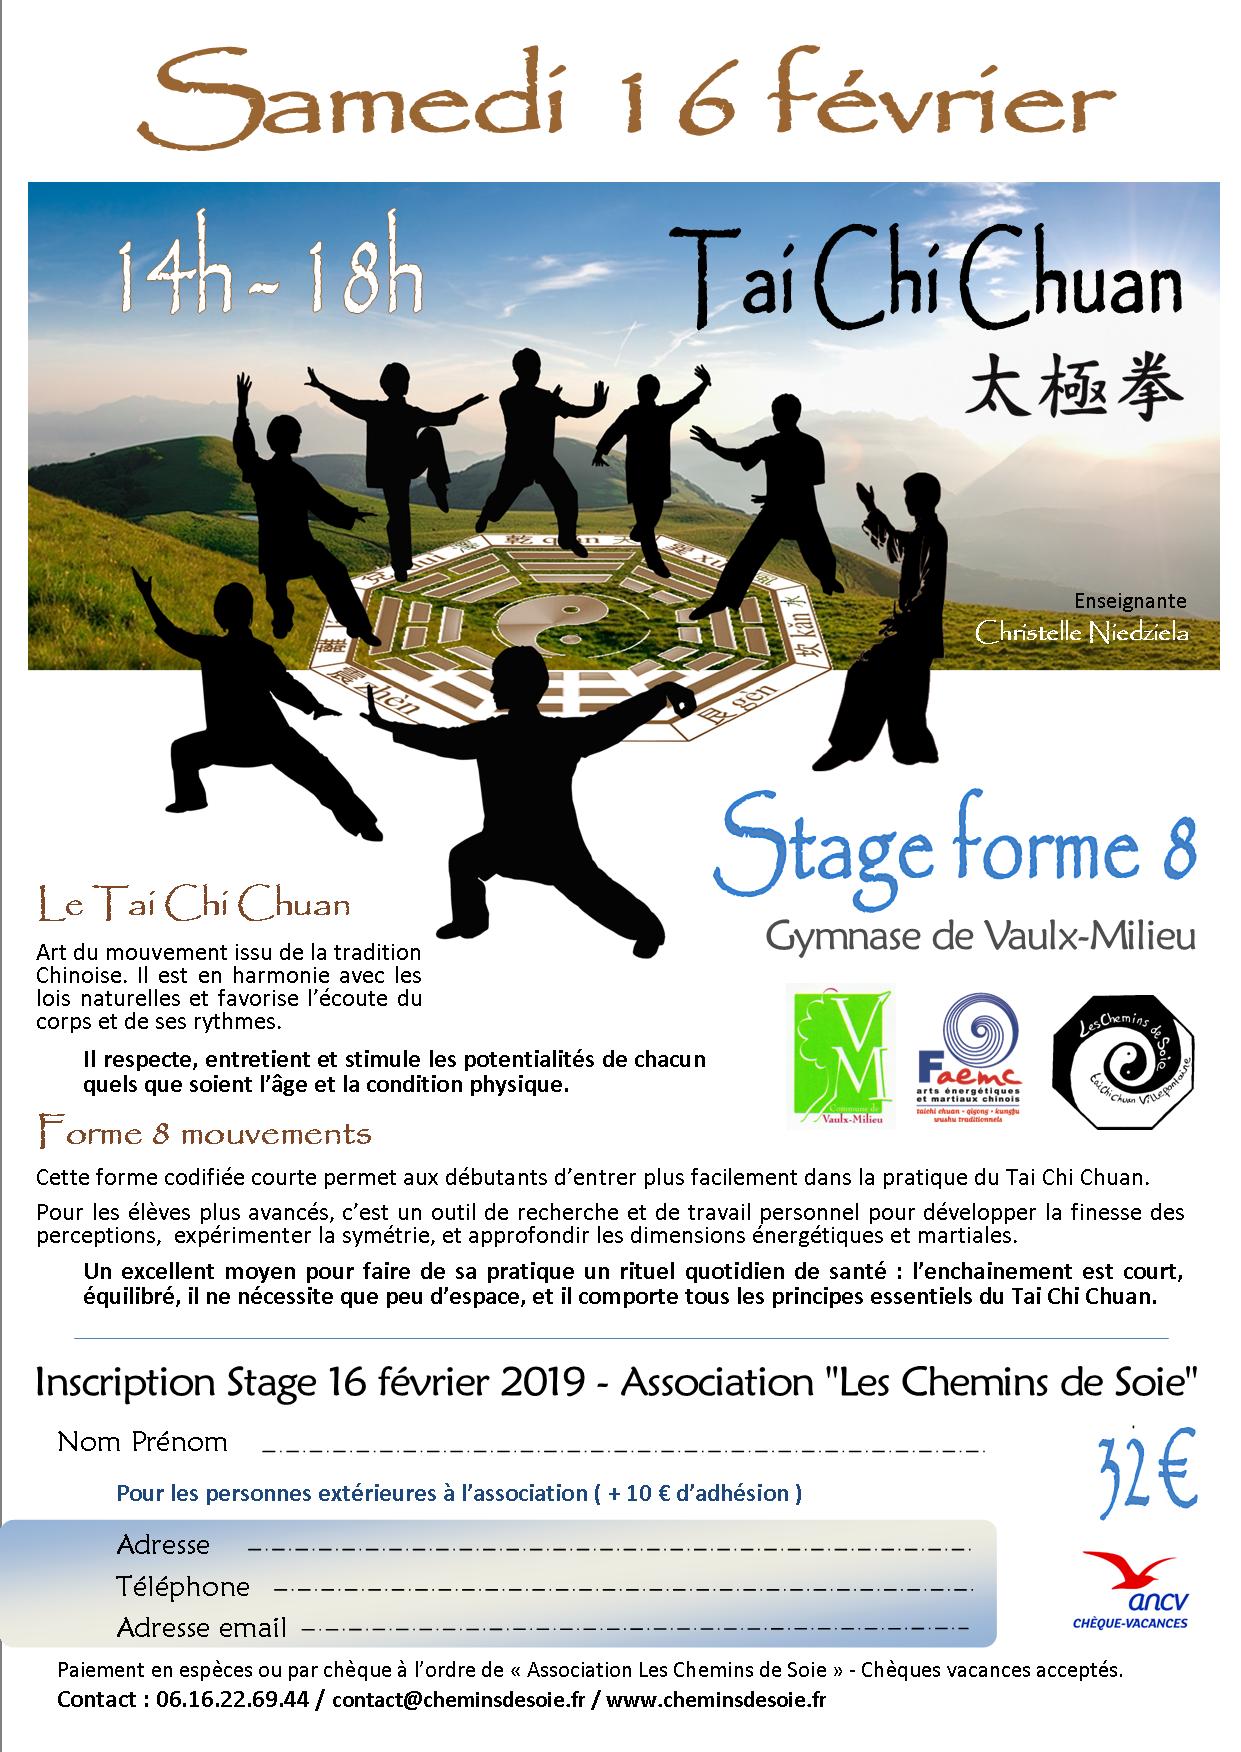 stage-forme8-fv19